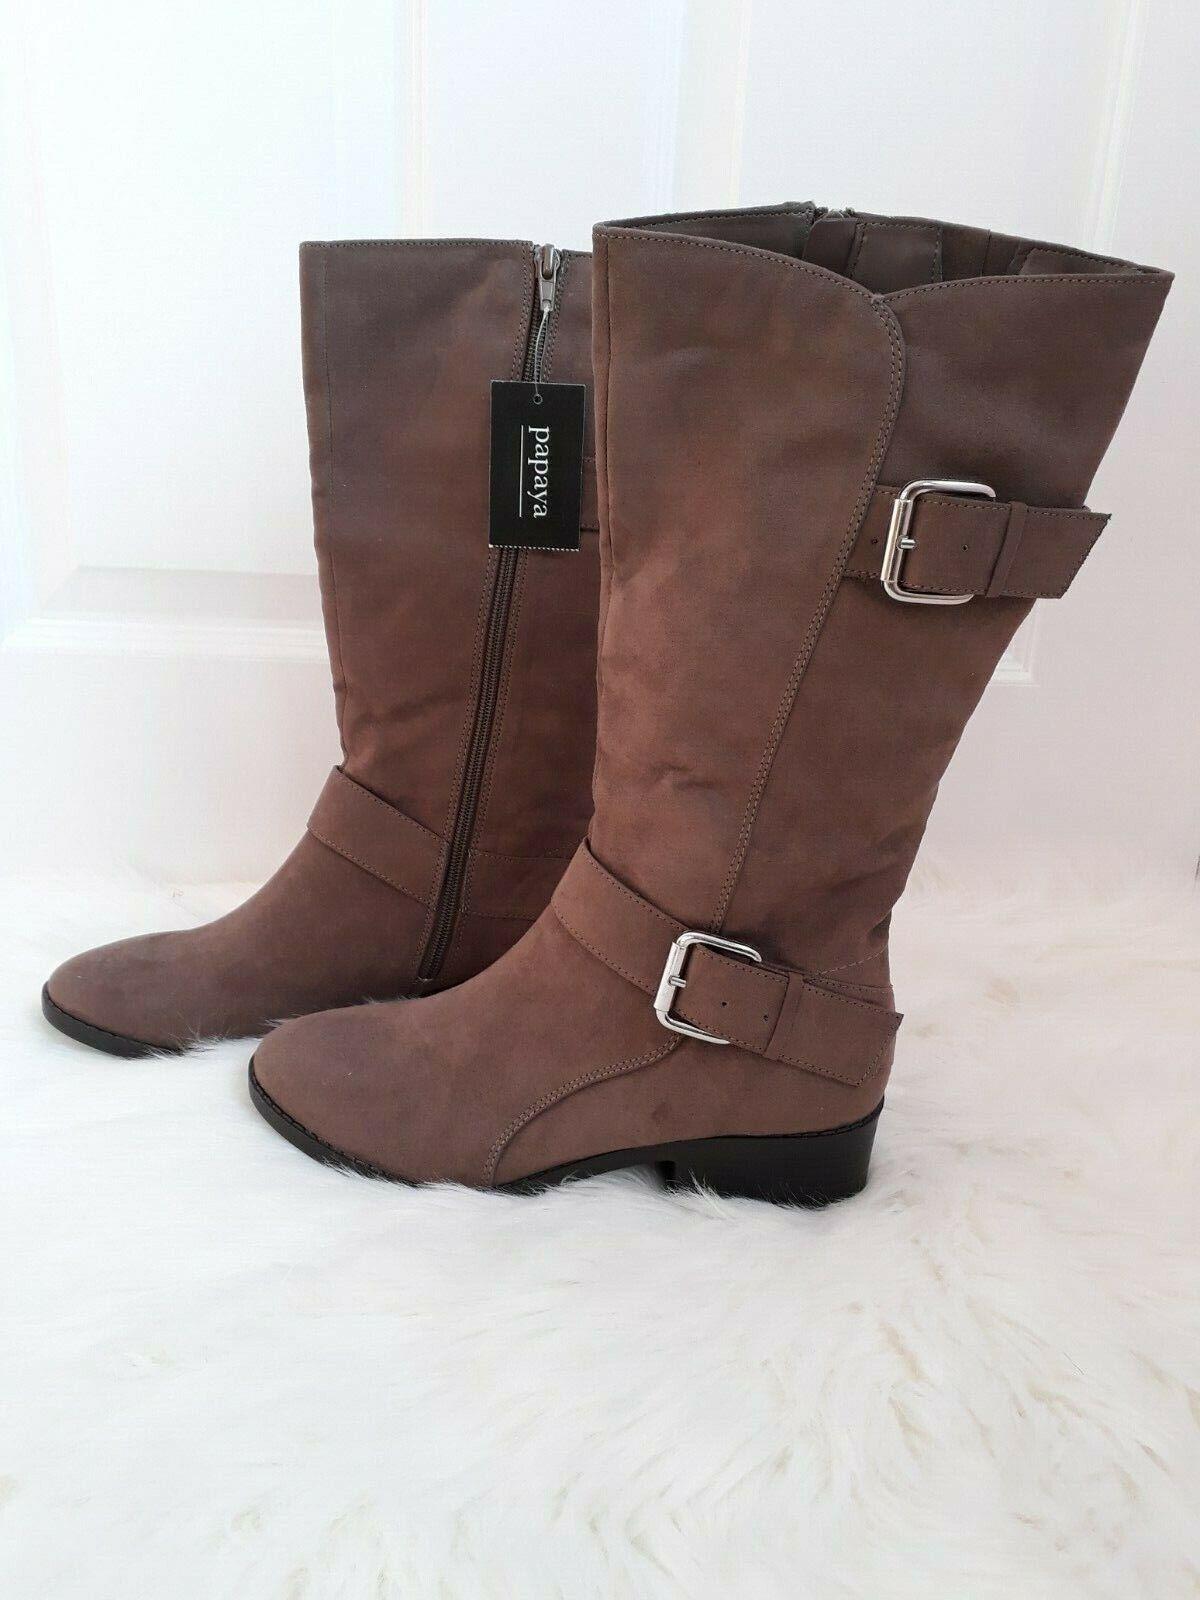 Matalan Papaya Taupe Buckle Calf Boots Size 5